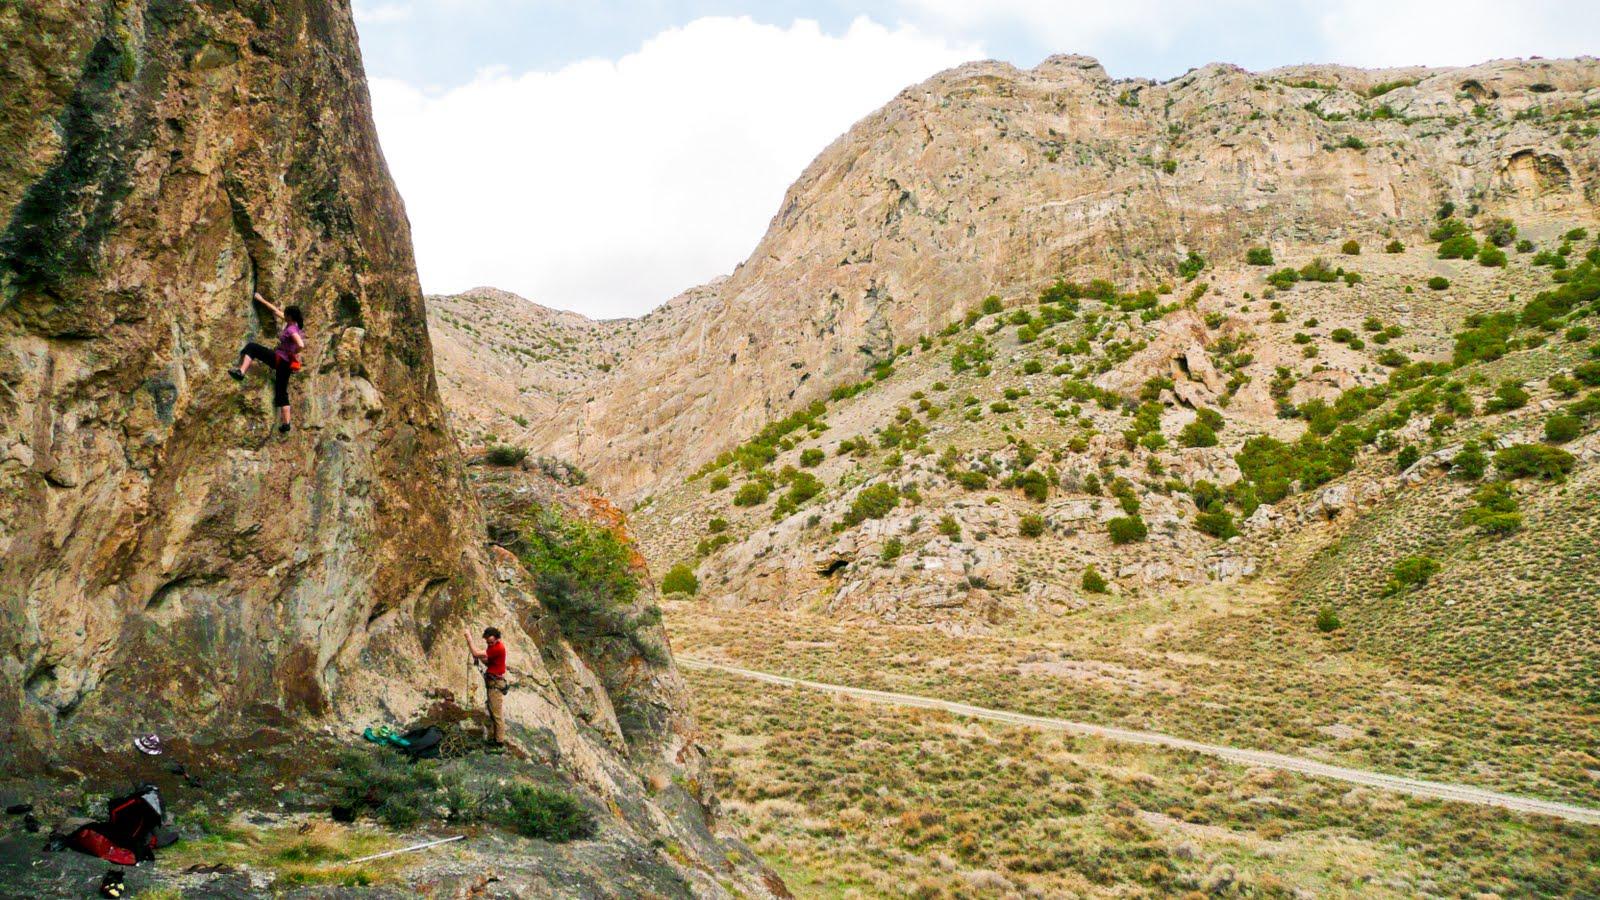 The Indulgence Box Canyon